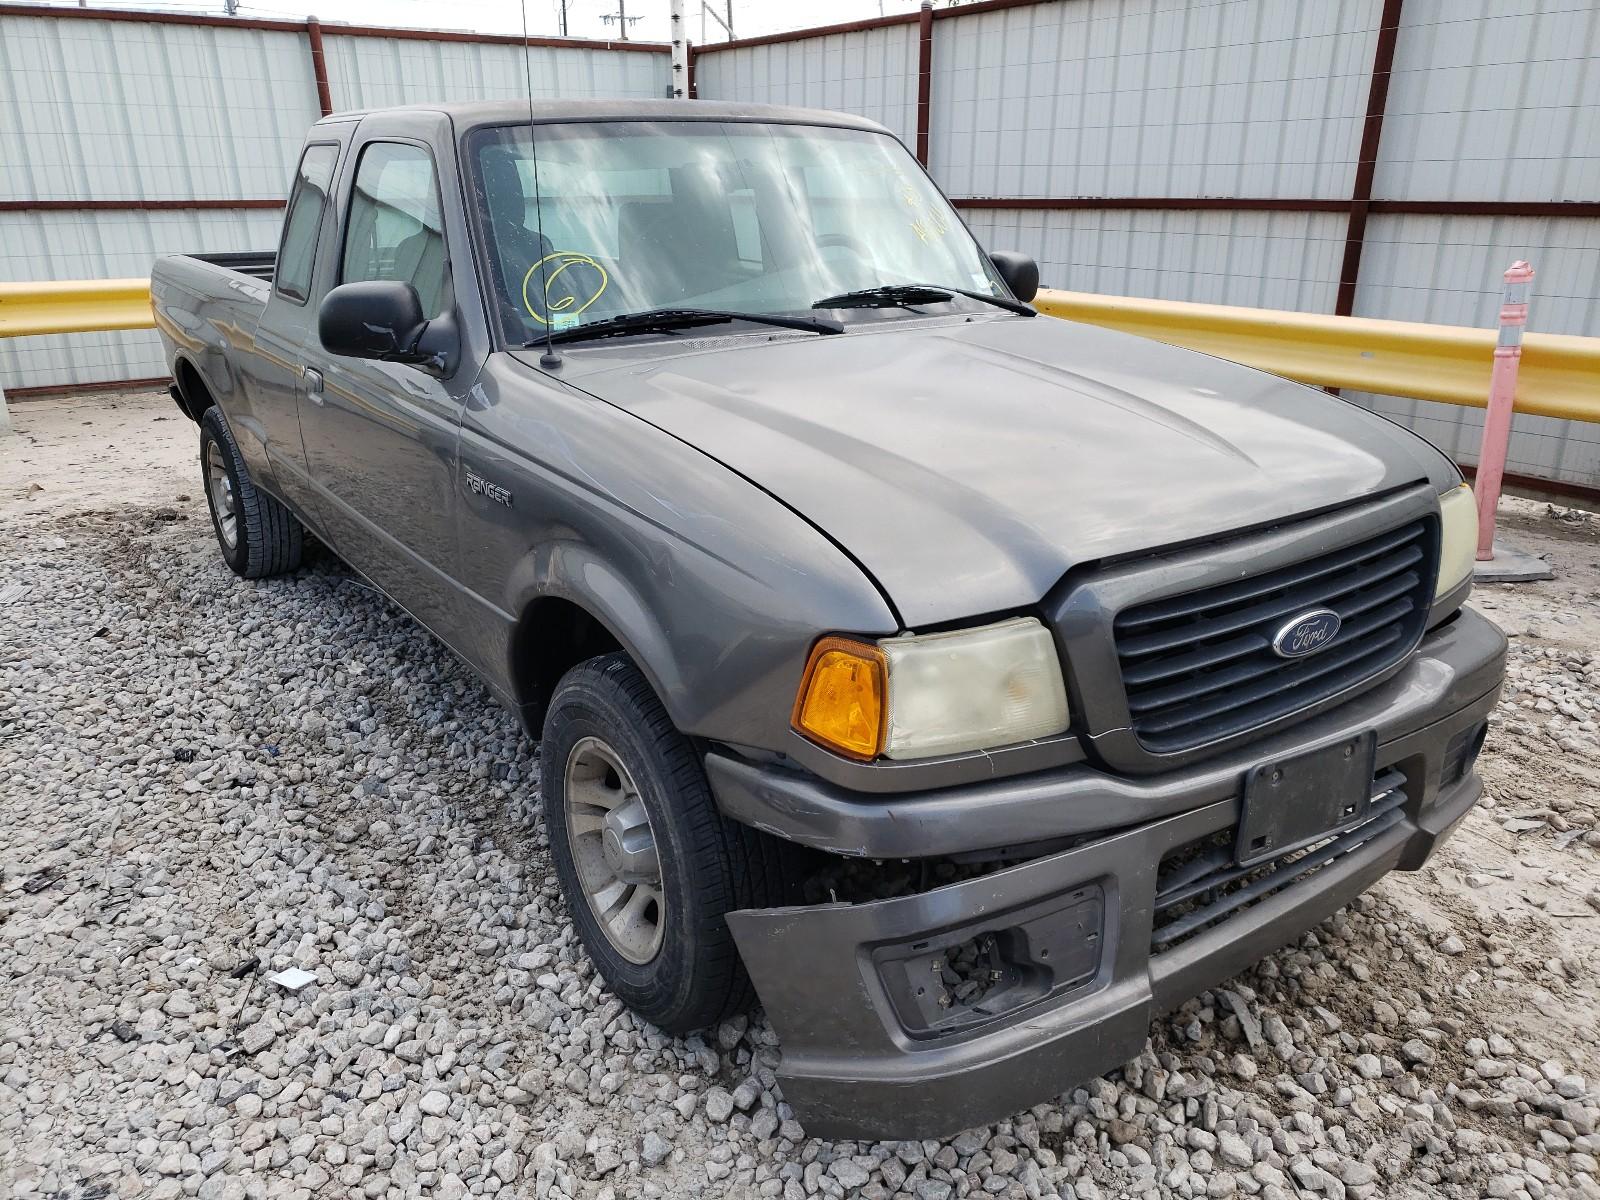 2005 Ford Ranger SUP